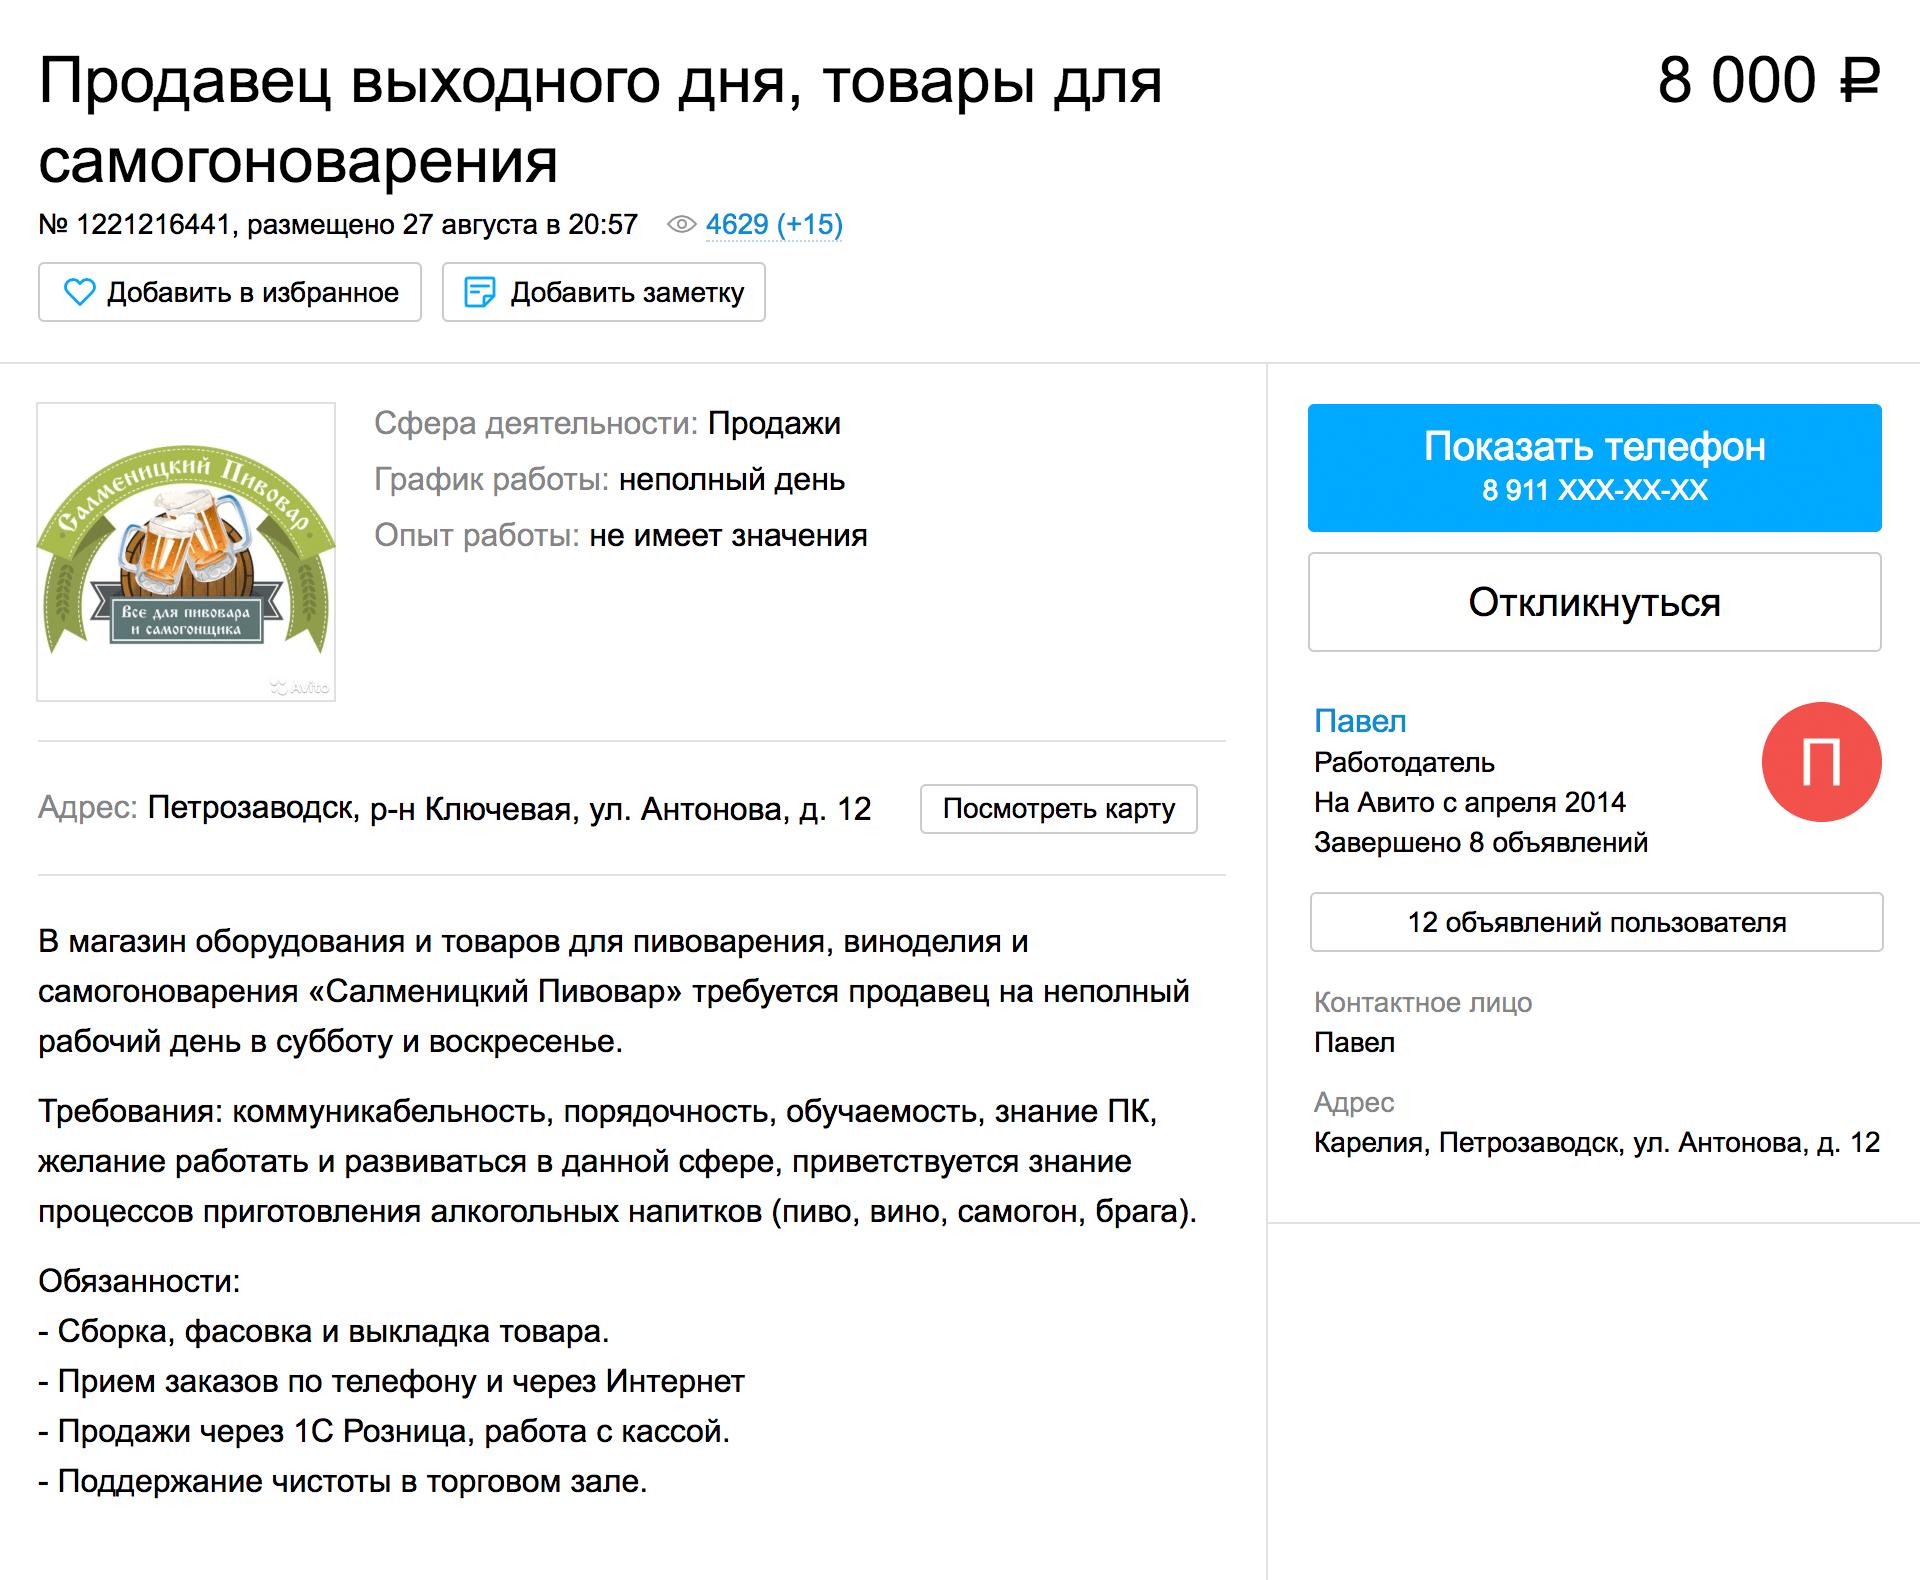 Продавец товаров для самогоноварения получает 8 тысяч рублей